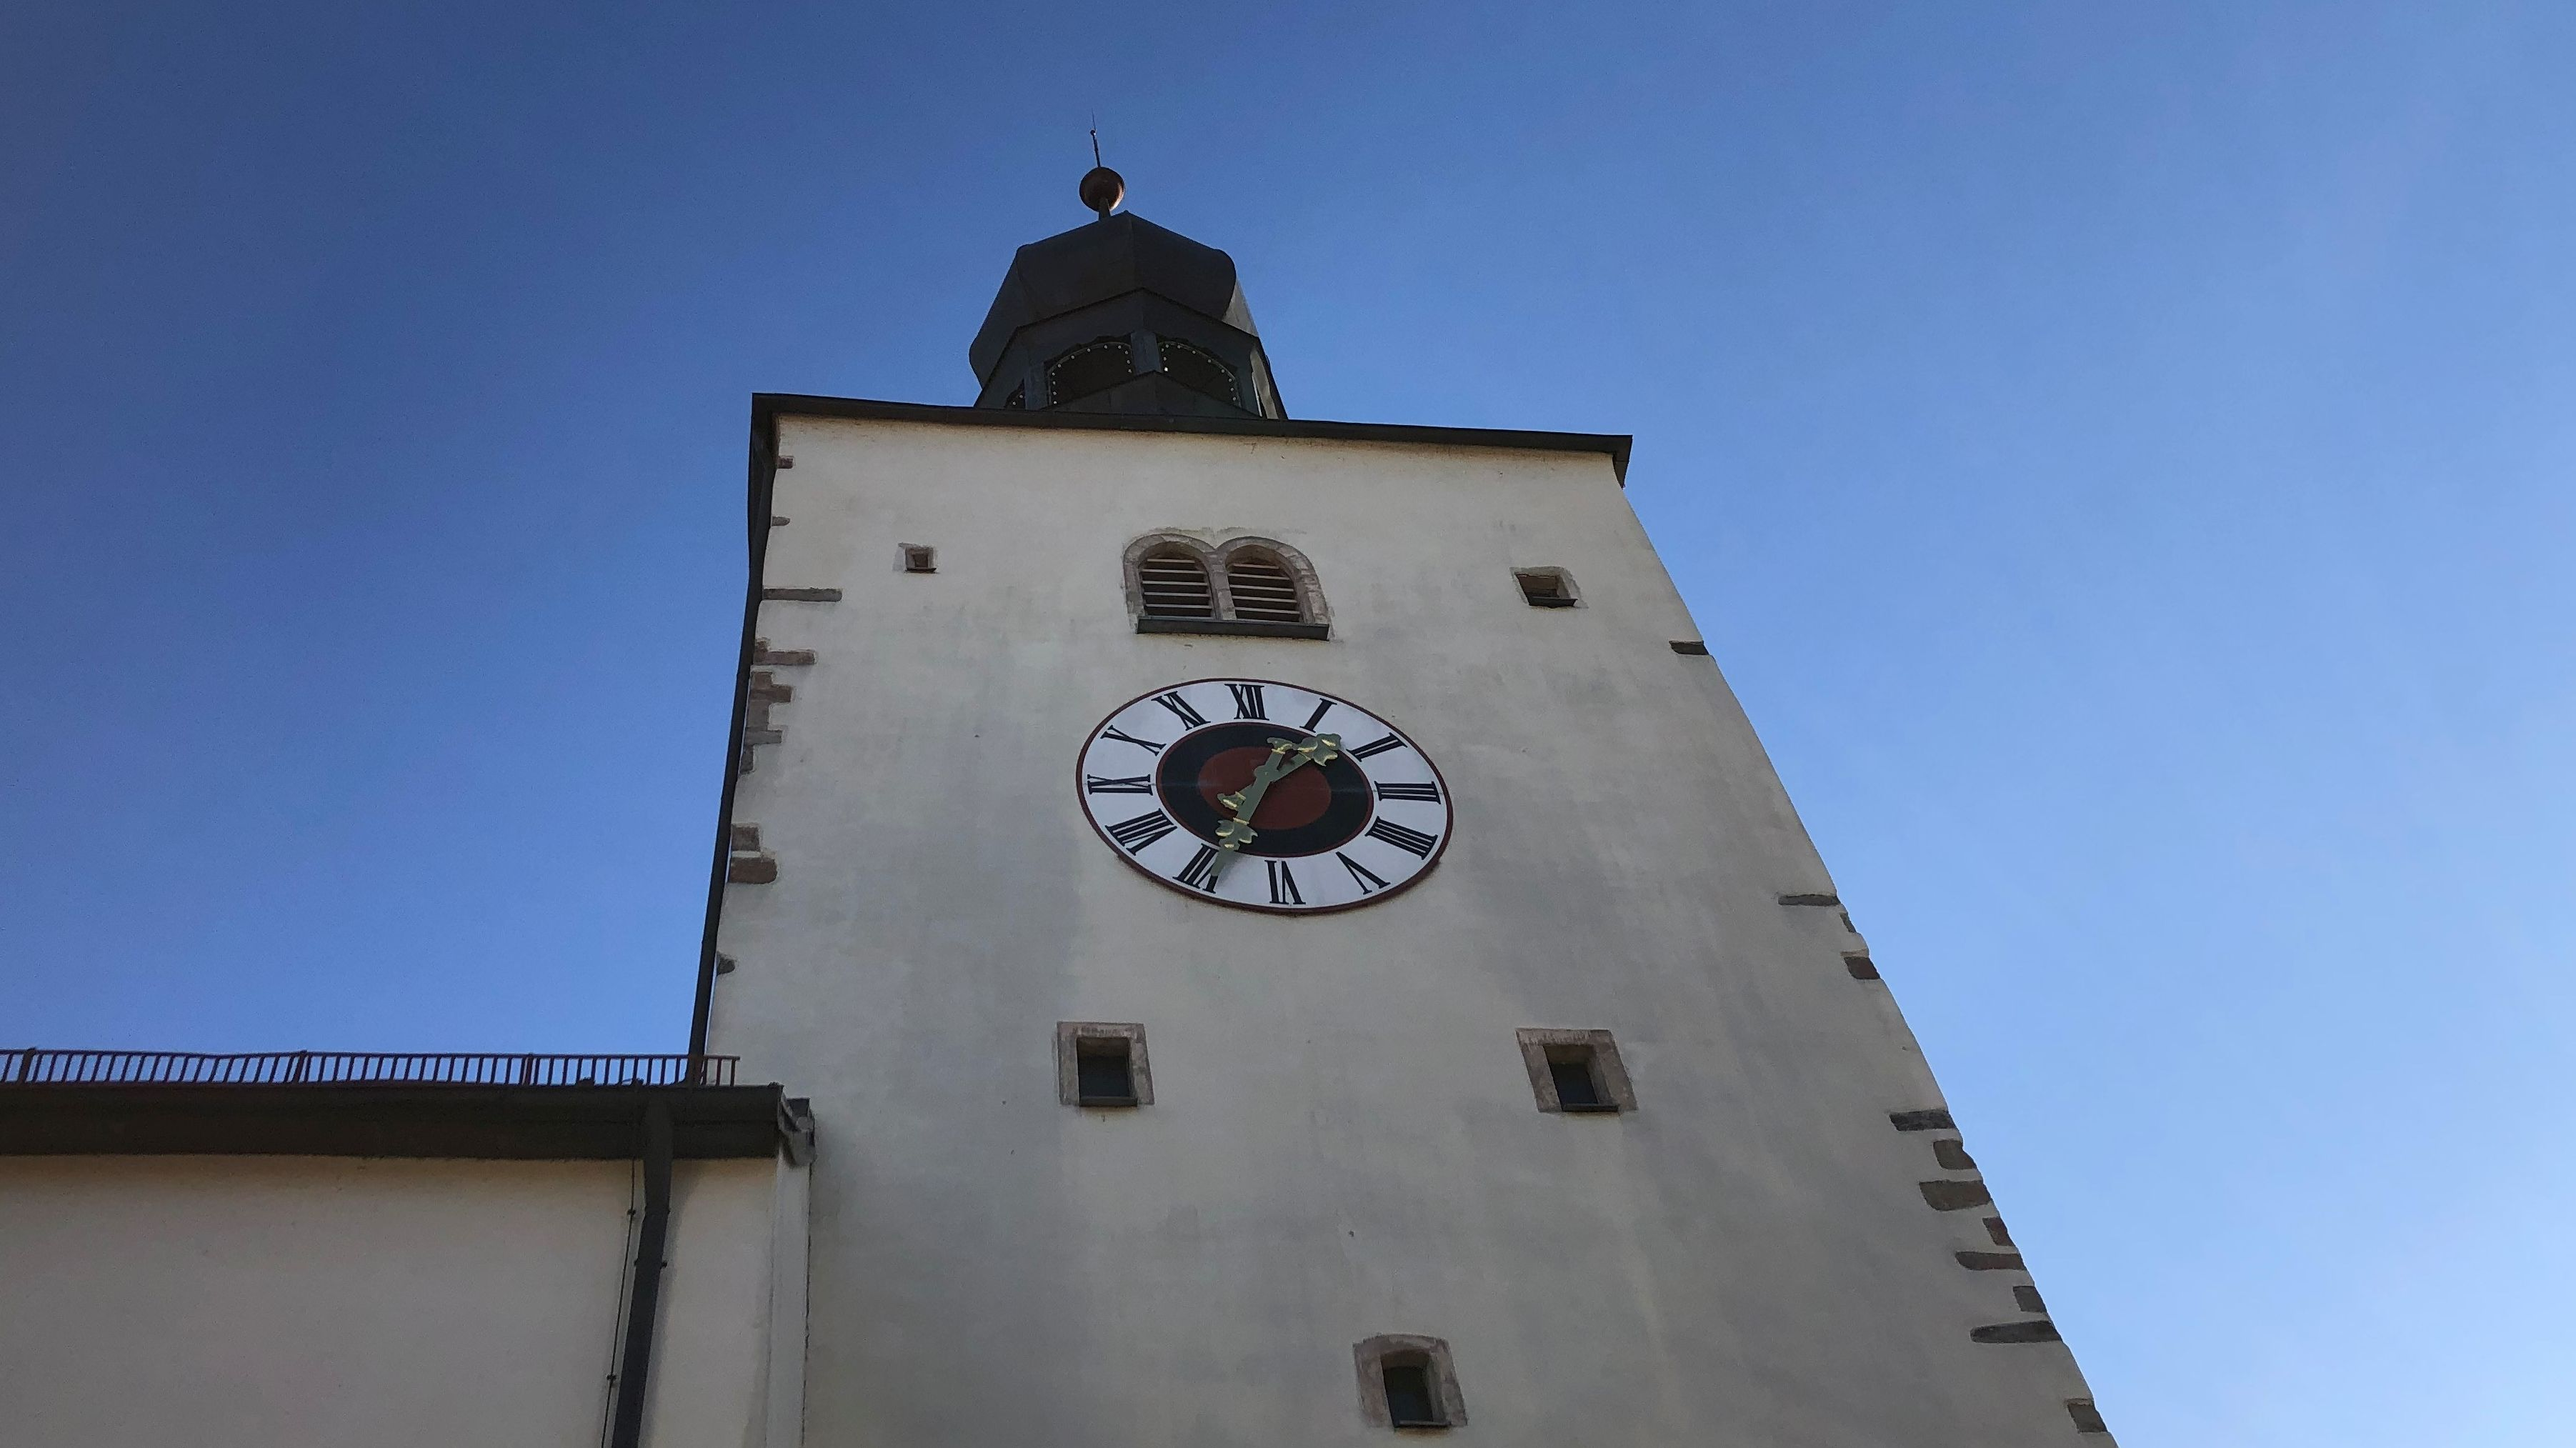 Der Kirchturm der Stadtpfarrkirche St. Michael Regen